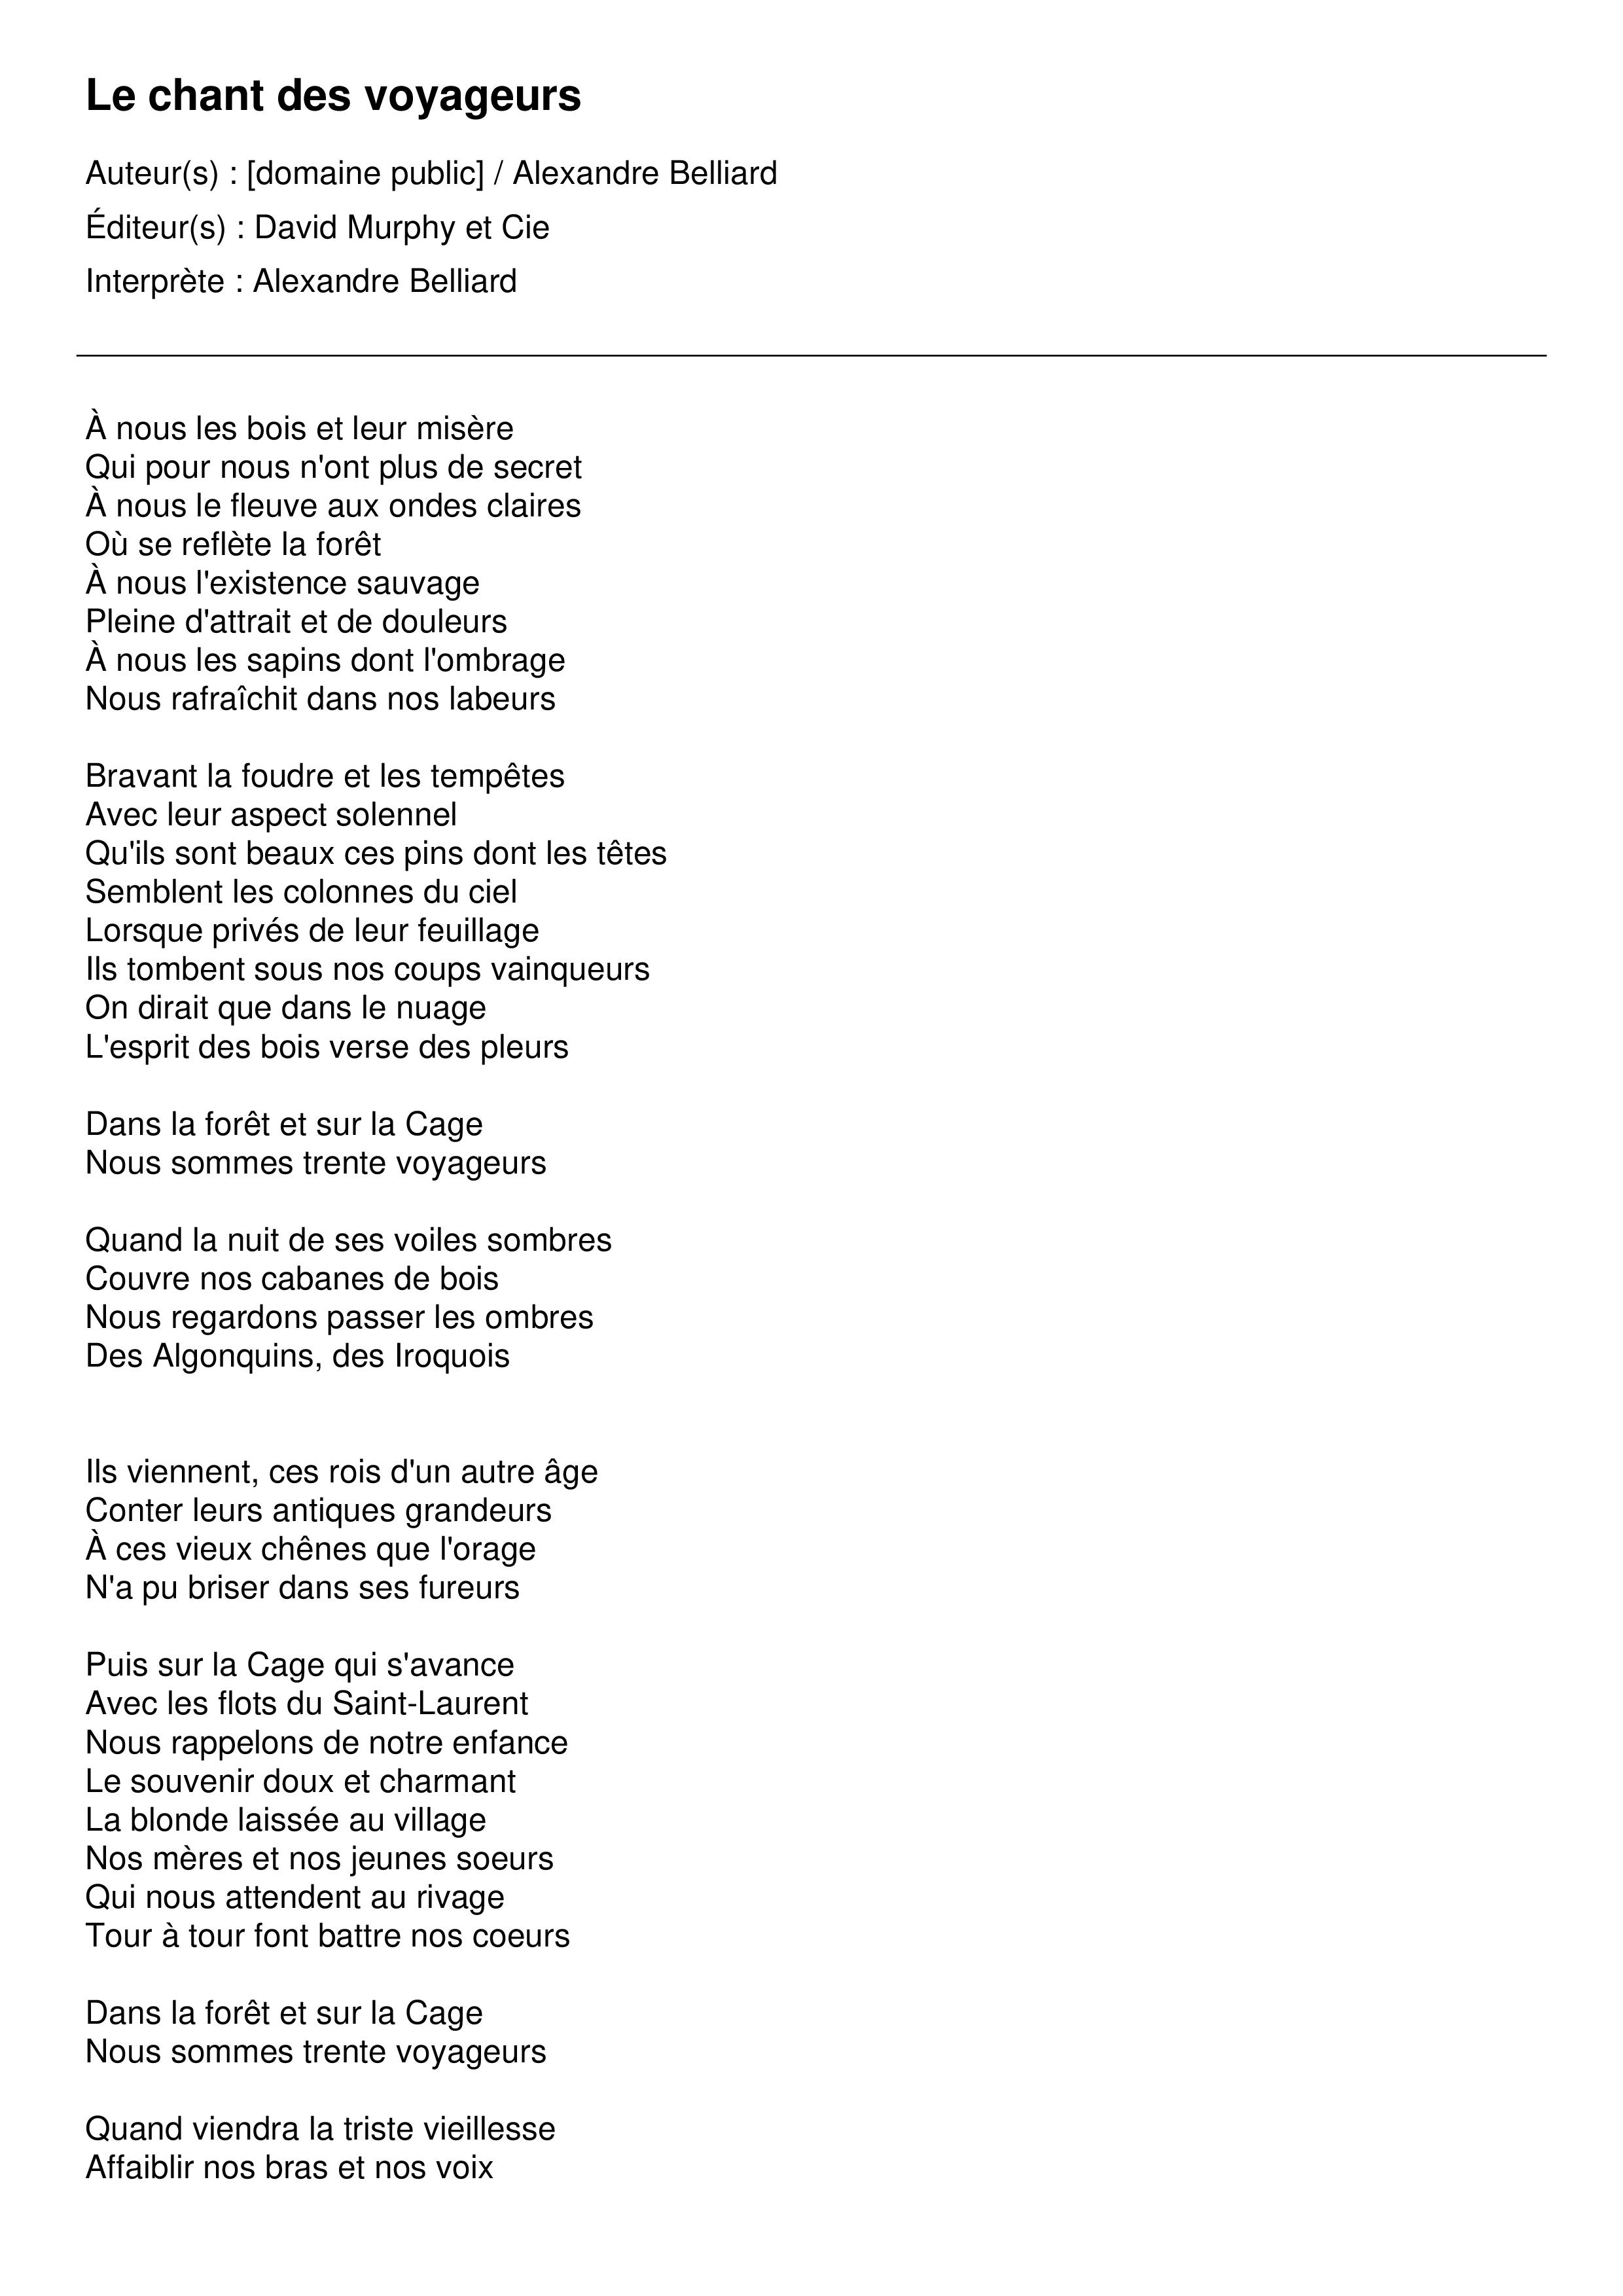 Le chant des voyageurs